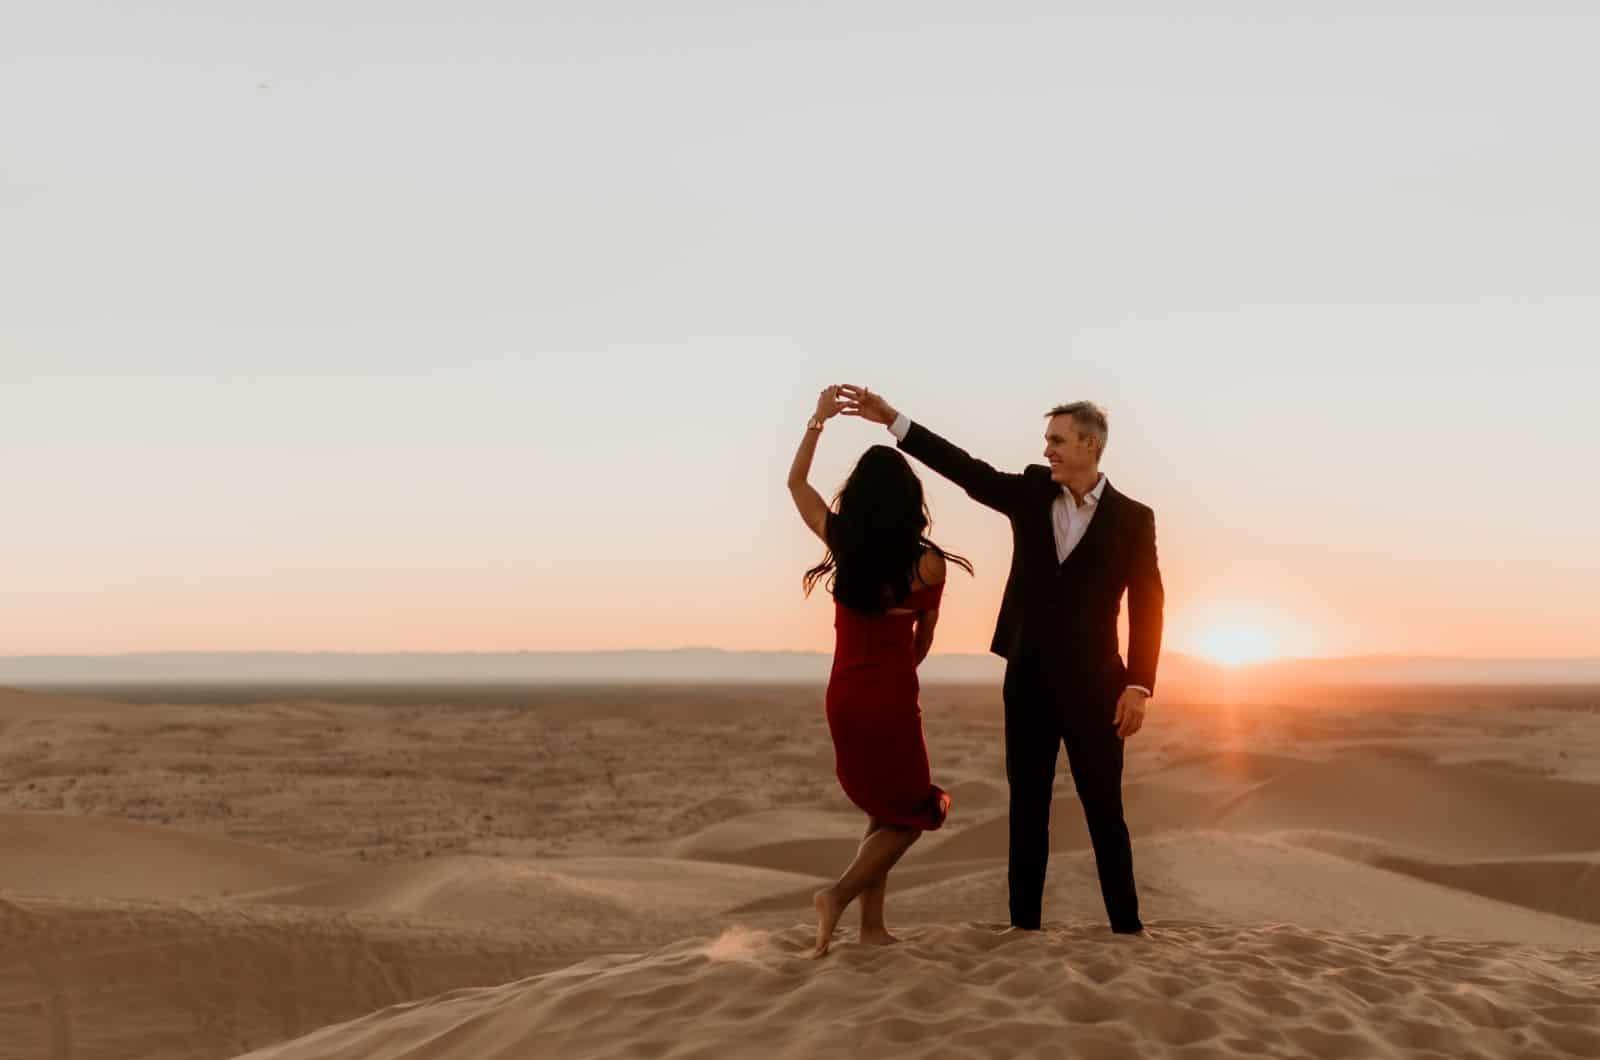 Paar tanzen in der Wüste